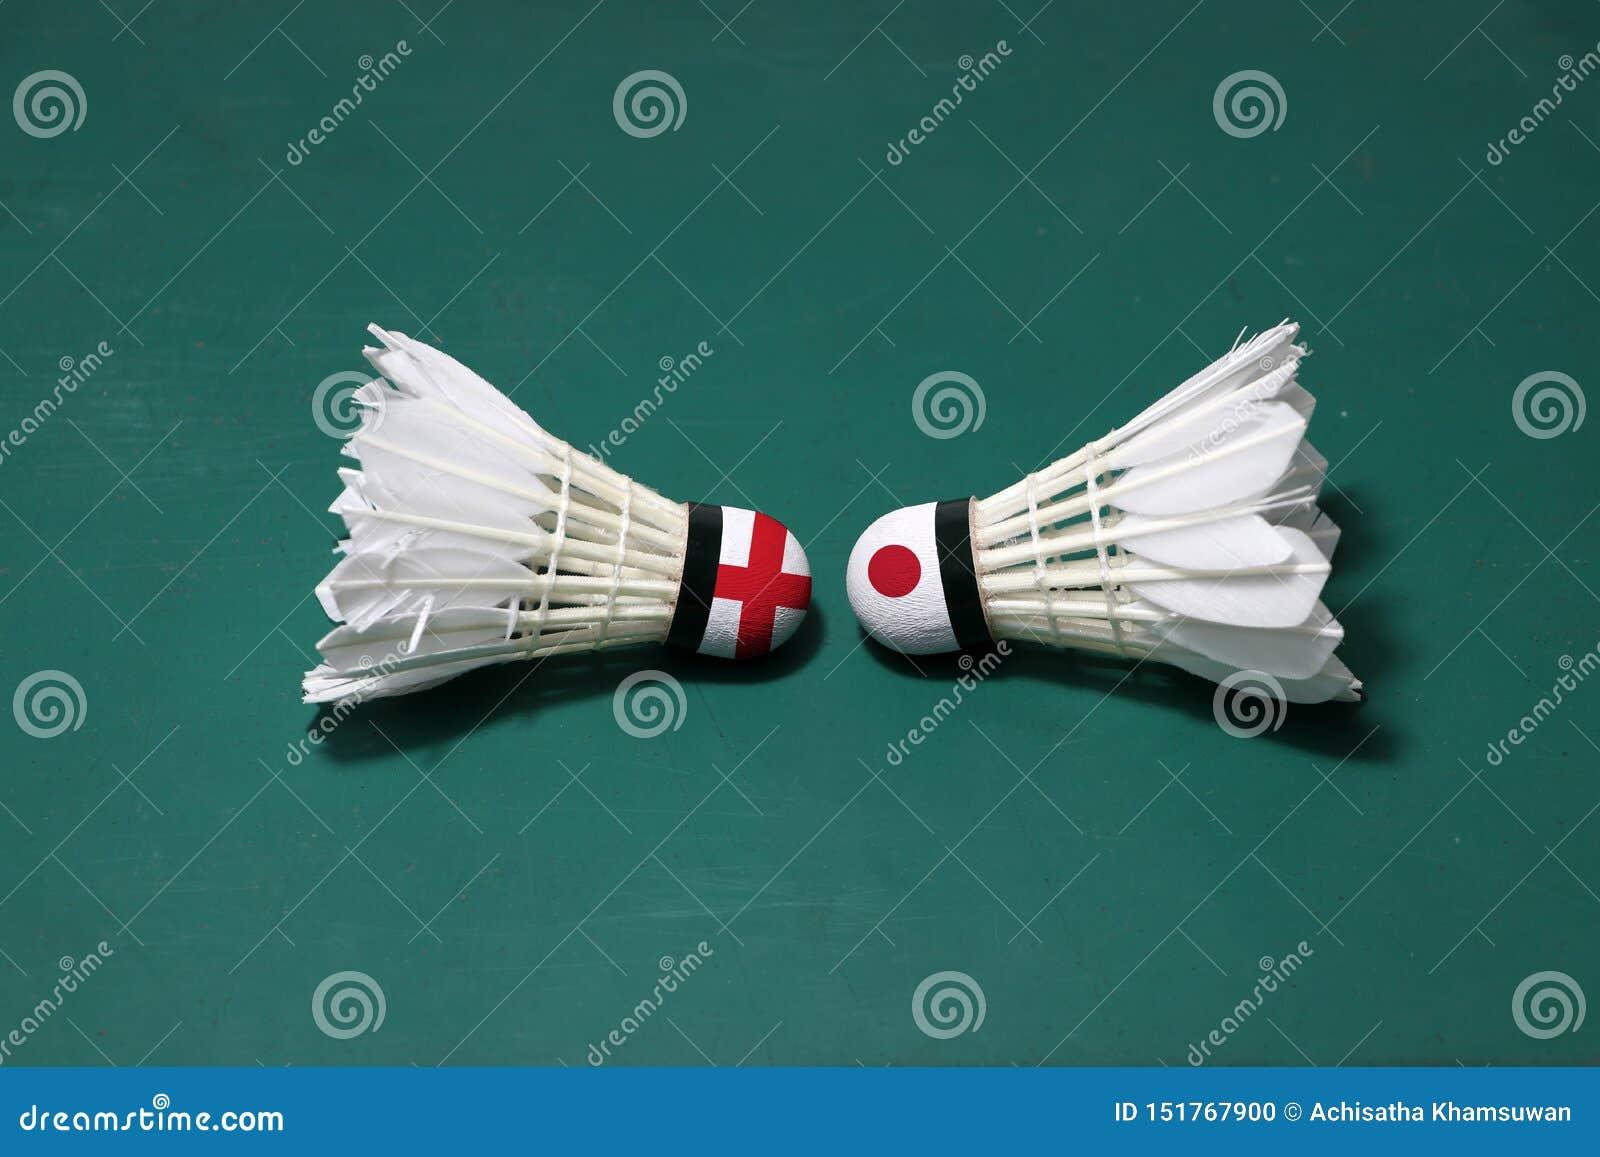 Dois usaram petecas no assoalho verde da corte de badminton com para dirigir-se Uma cabeça pintada com bandeira de Inglaterra e u